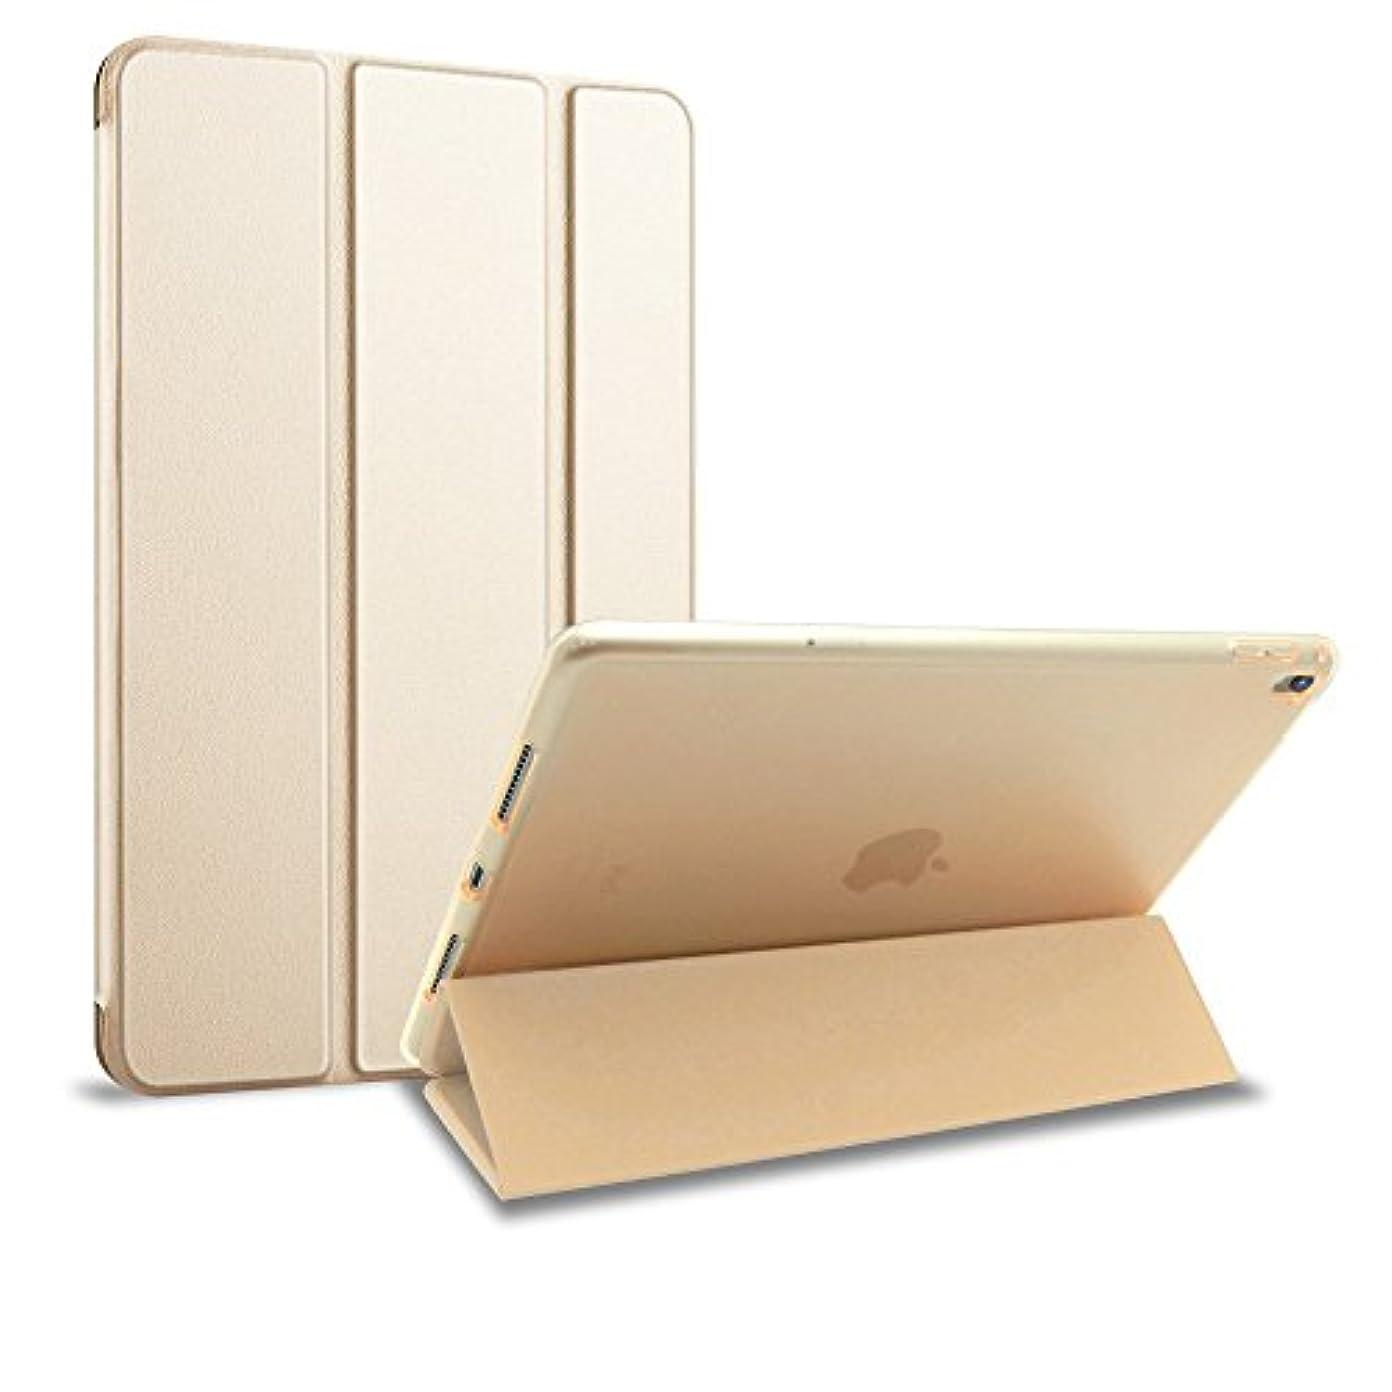 仮説もつれすきMS factory iPad Pro 9.7 ケース カバー アイパッド プロ ipadpro 2016 9.7インチ スマートカバー 耐衝撃 ソフト フレーム オートスリープ 全9色 シャンパン ゴールド 金 IPDP9-S-TPU-GD